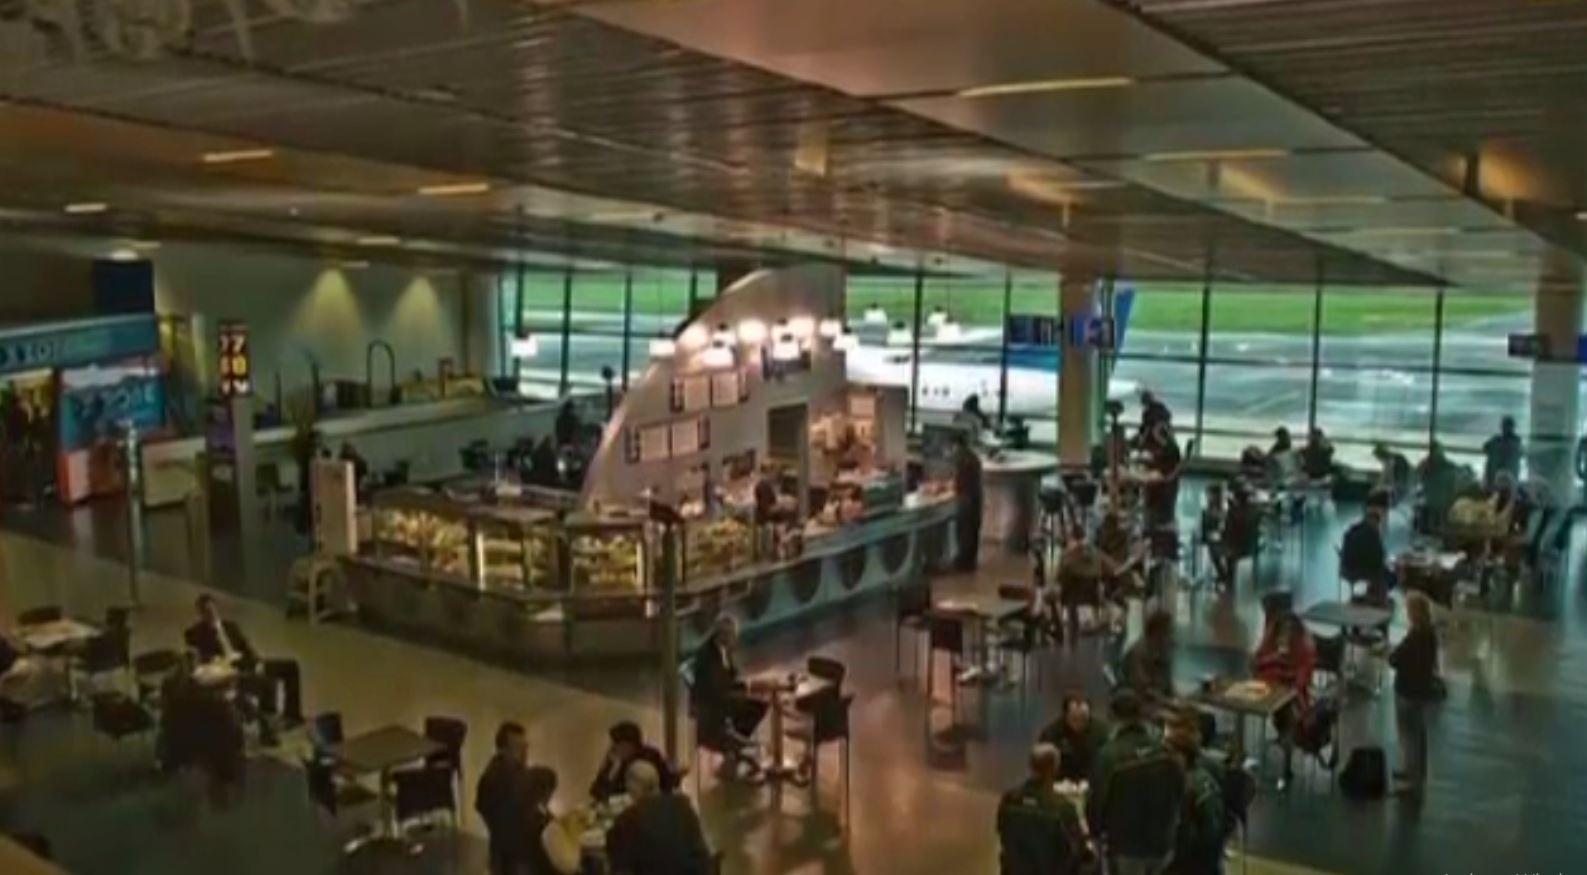 Pako e dyshimtë, mbyllet dhe evakuohet aeroporti në Zelandën e Re